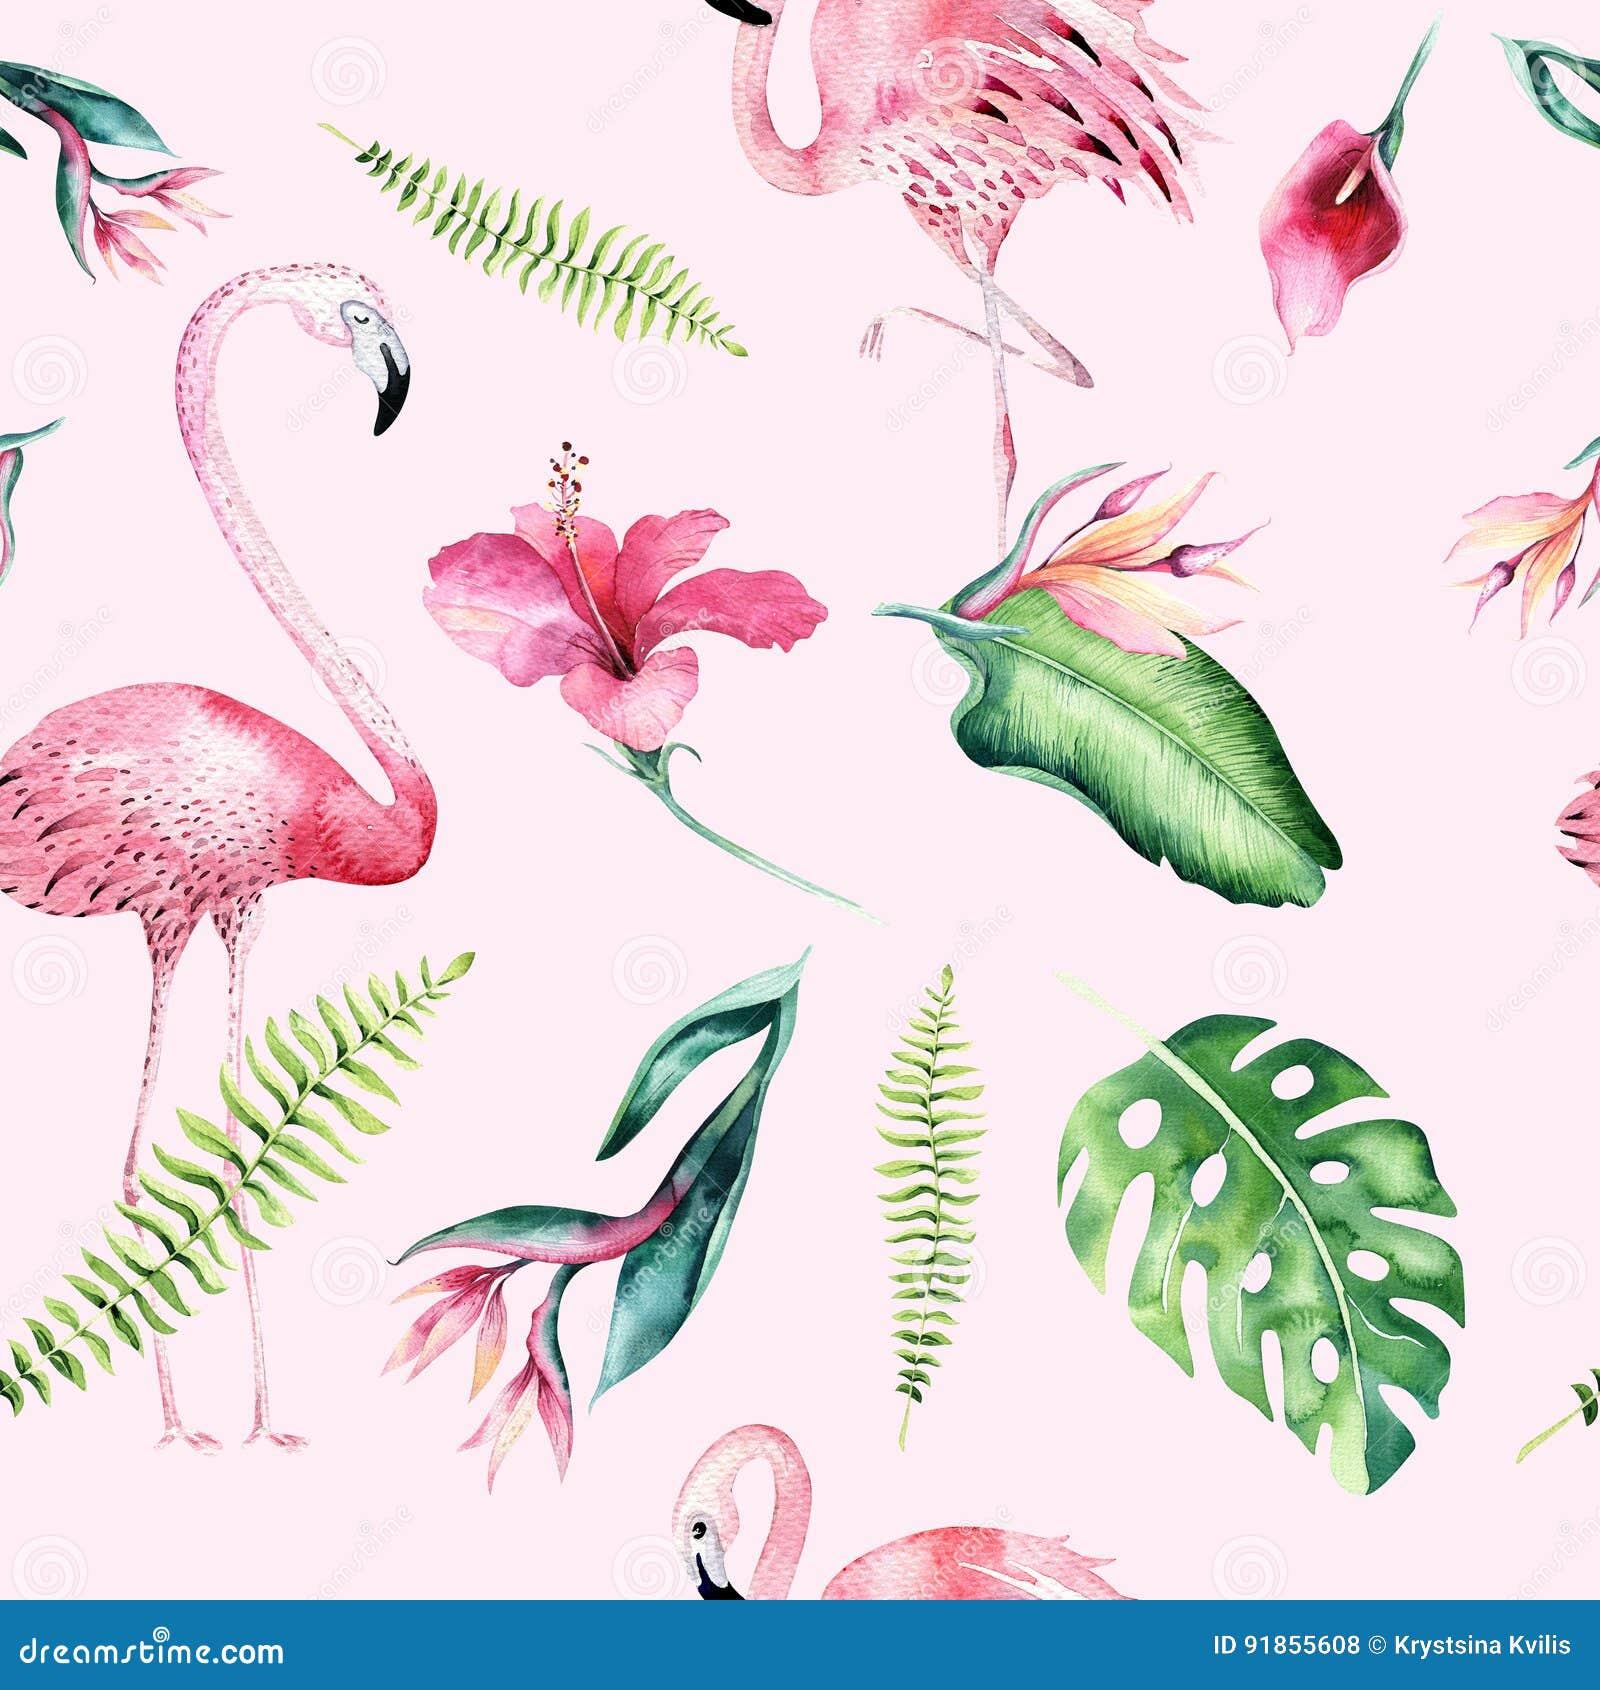 Flamingo drawing tutorial cartoon vector 68310949 - Dessin de rose ...